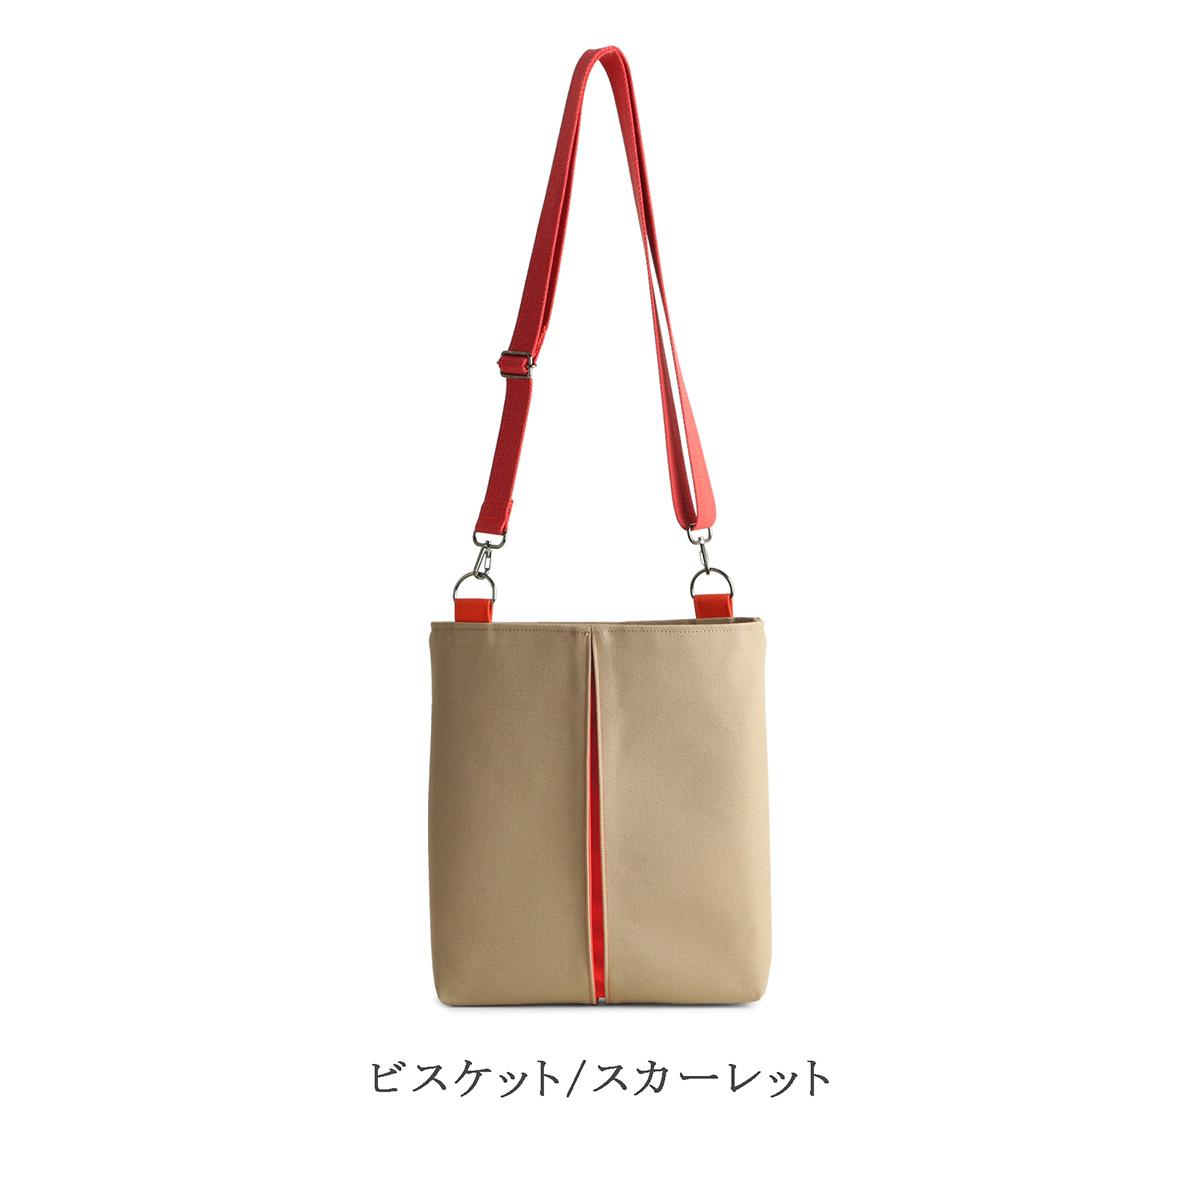 KOSHO ougi pleats ポシェット